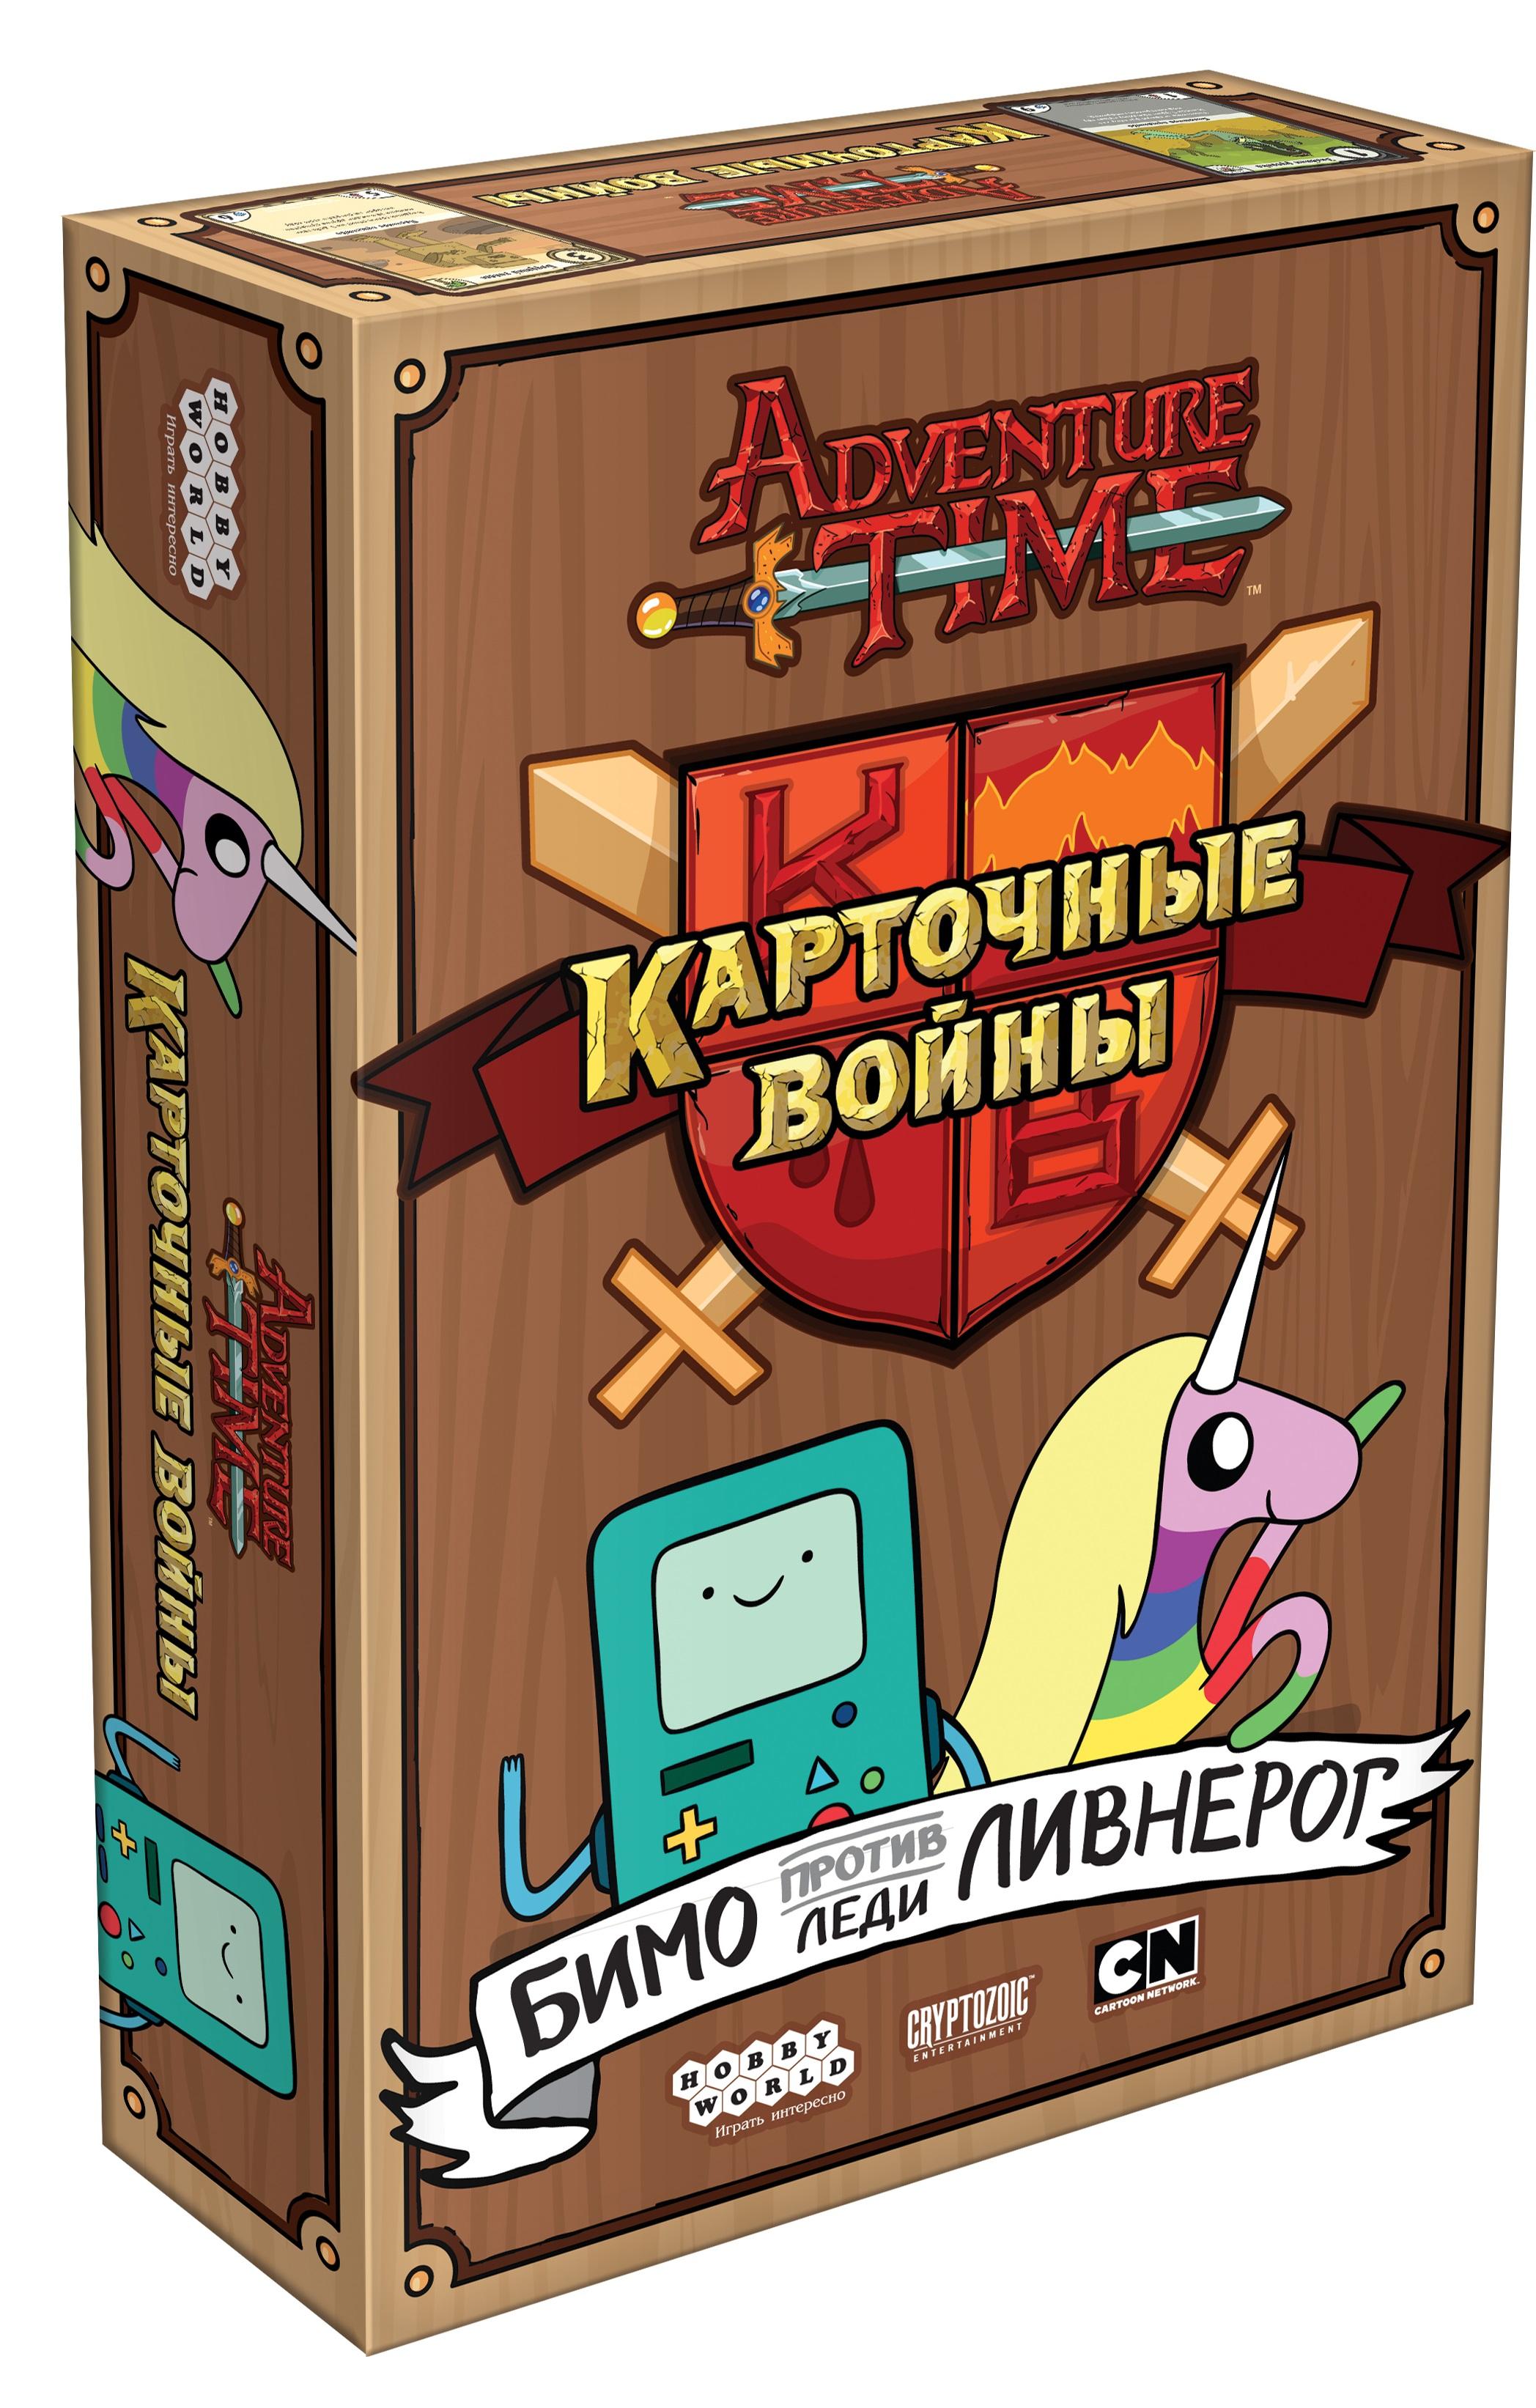 Настольная игра Adventure Time Карточные войны: Бимо против леди ЛивнерогПредставляем вашему вниманию настольную игру Adventure Time Карточные войны: Бимо против леди Ливнерог, самую эпичную настольную игру, какую можно найти в землях Ууу... да и не только там!<br>